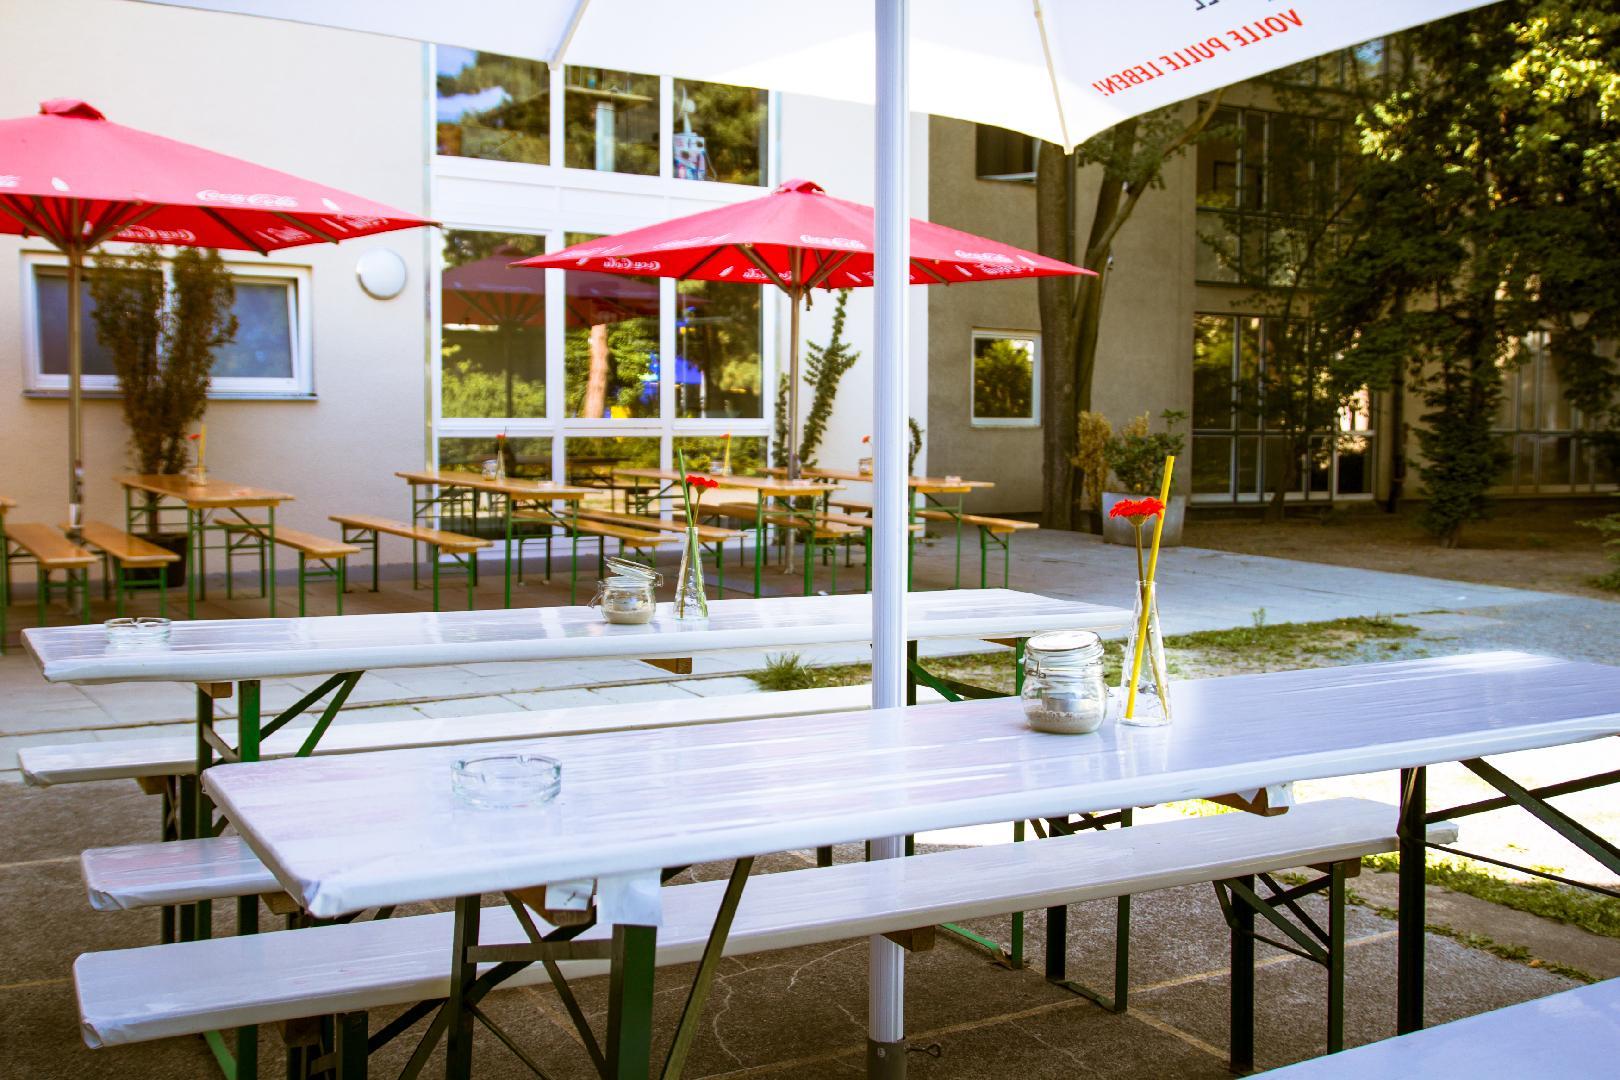 Bild 8 von Festsaal der Berliner Stadtmission